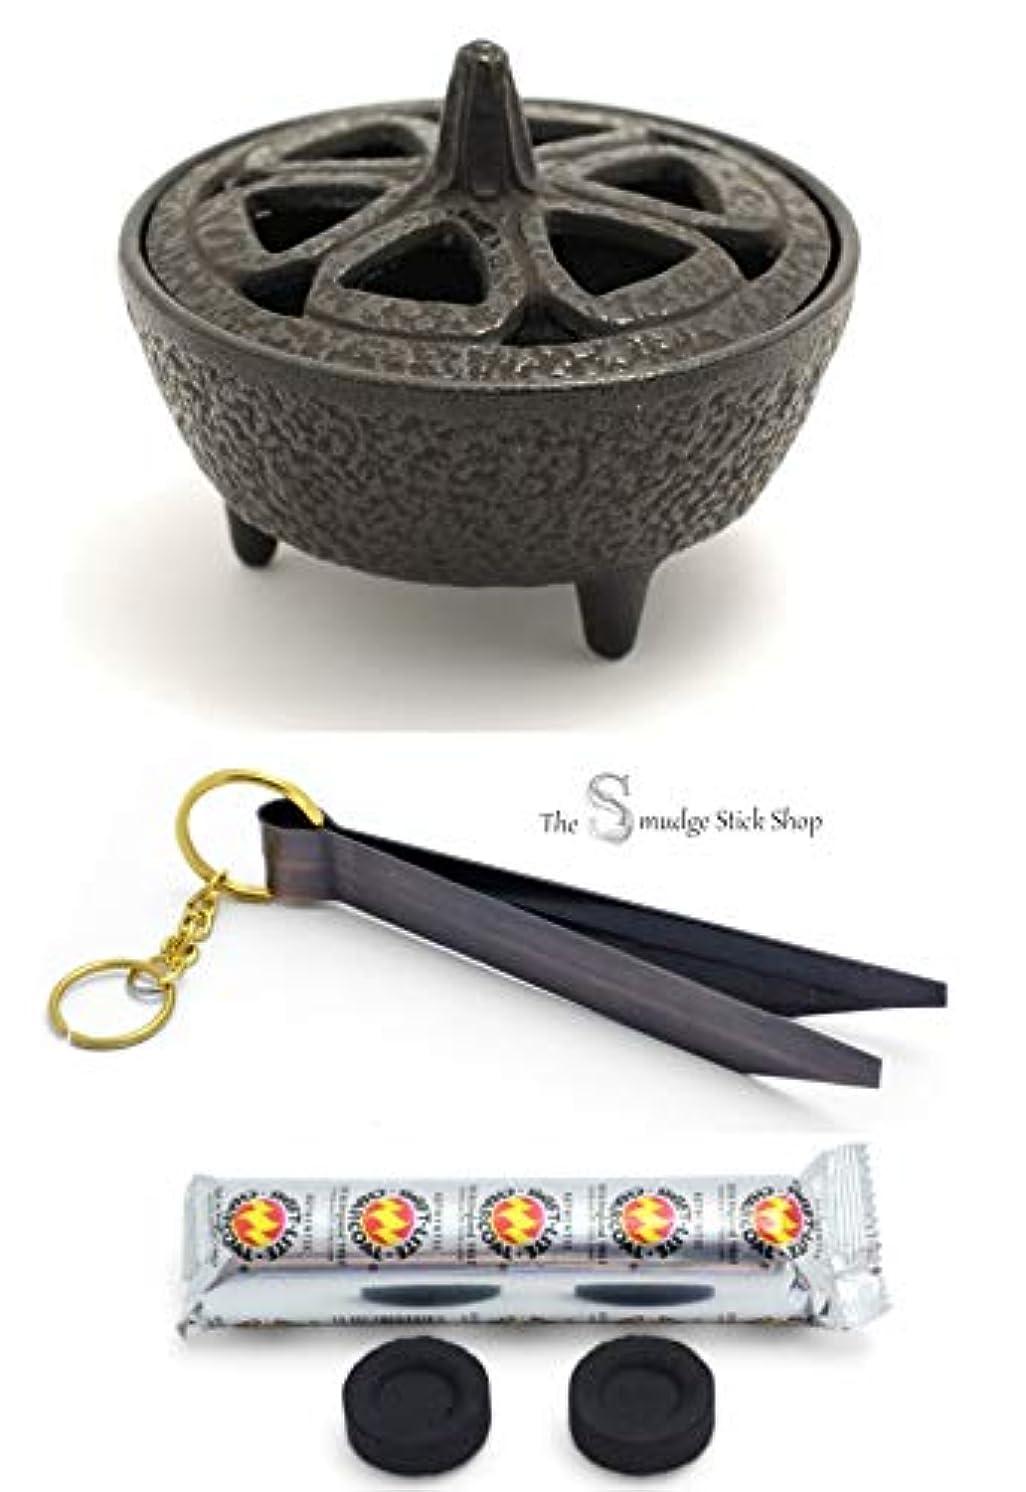 写真撮影葉っぱカートリッジThe Smudge Stick Shopお香/樹脂バーナーKit.Cast鉄の香バーナーと真鍮トングプラス10のSwift Liteチャコールディスク